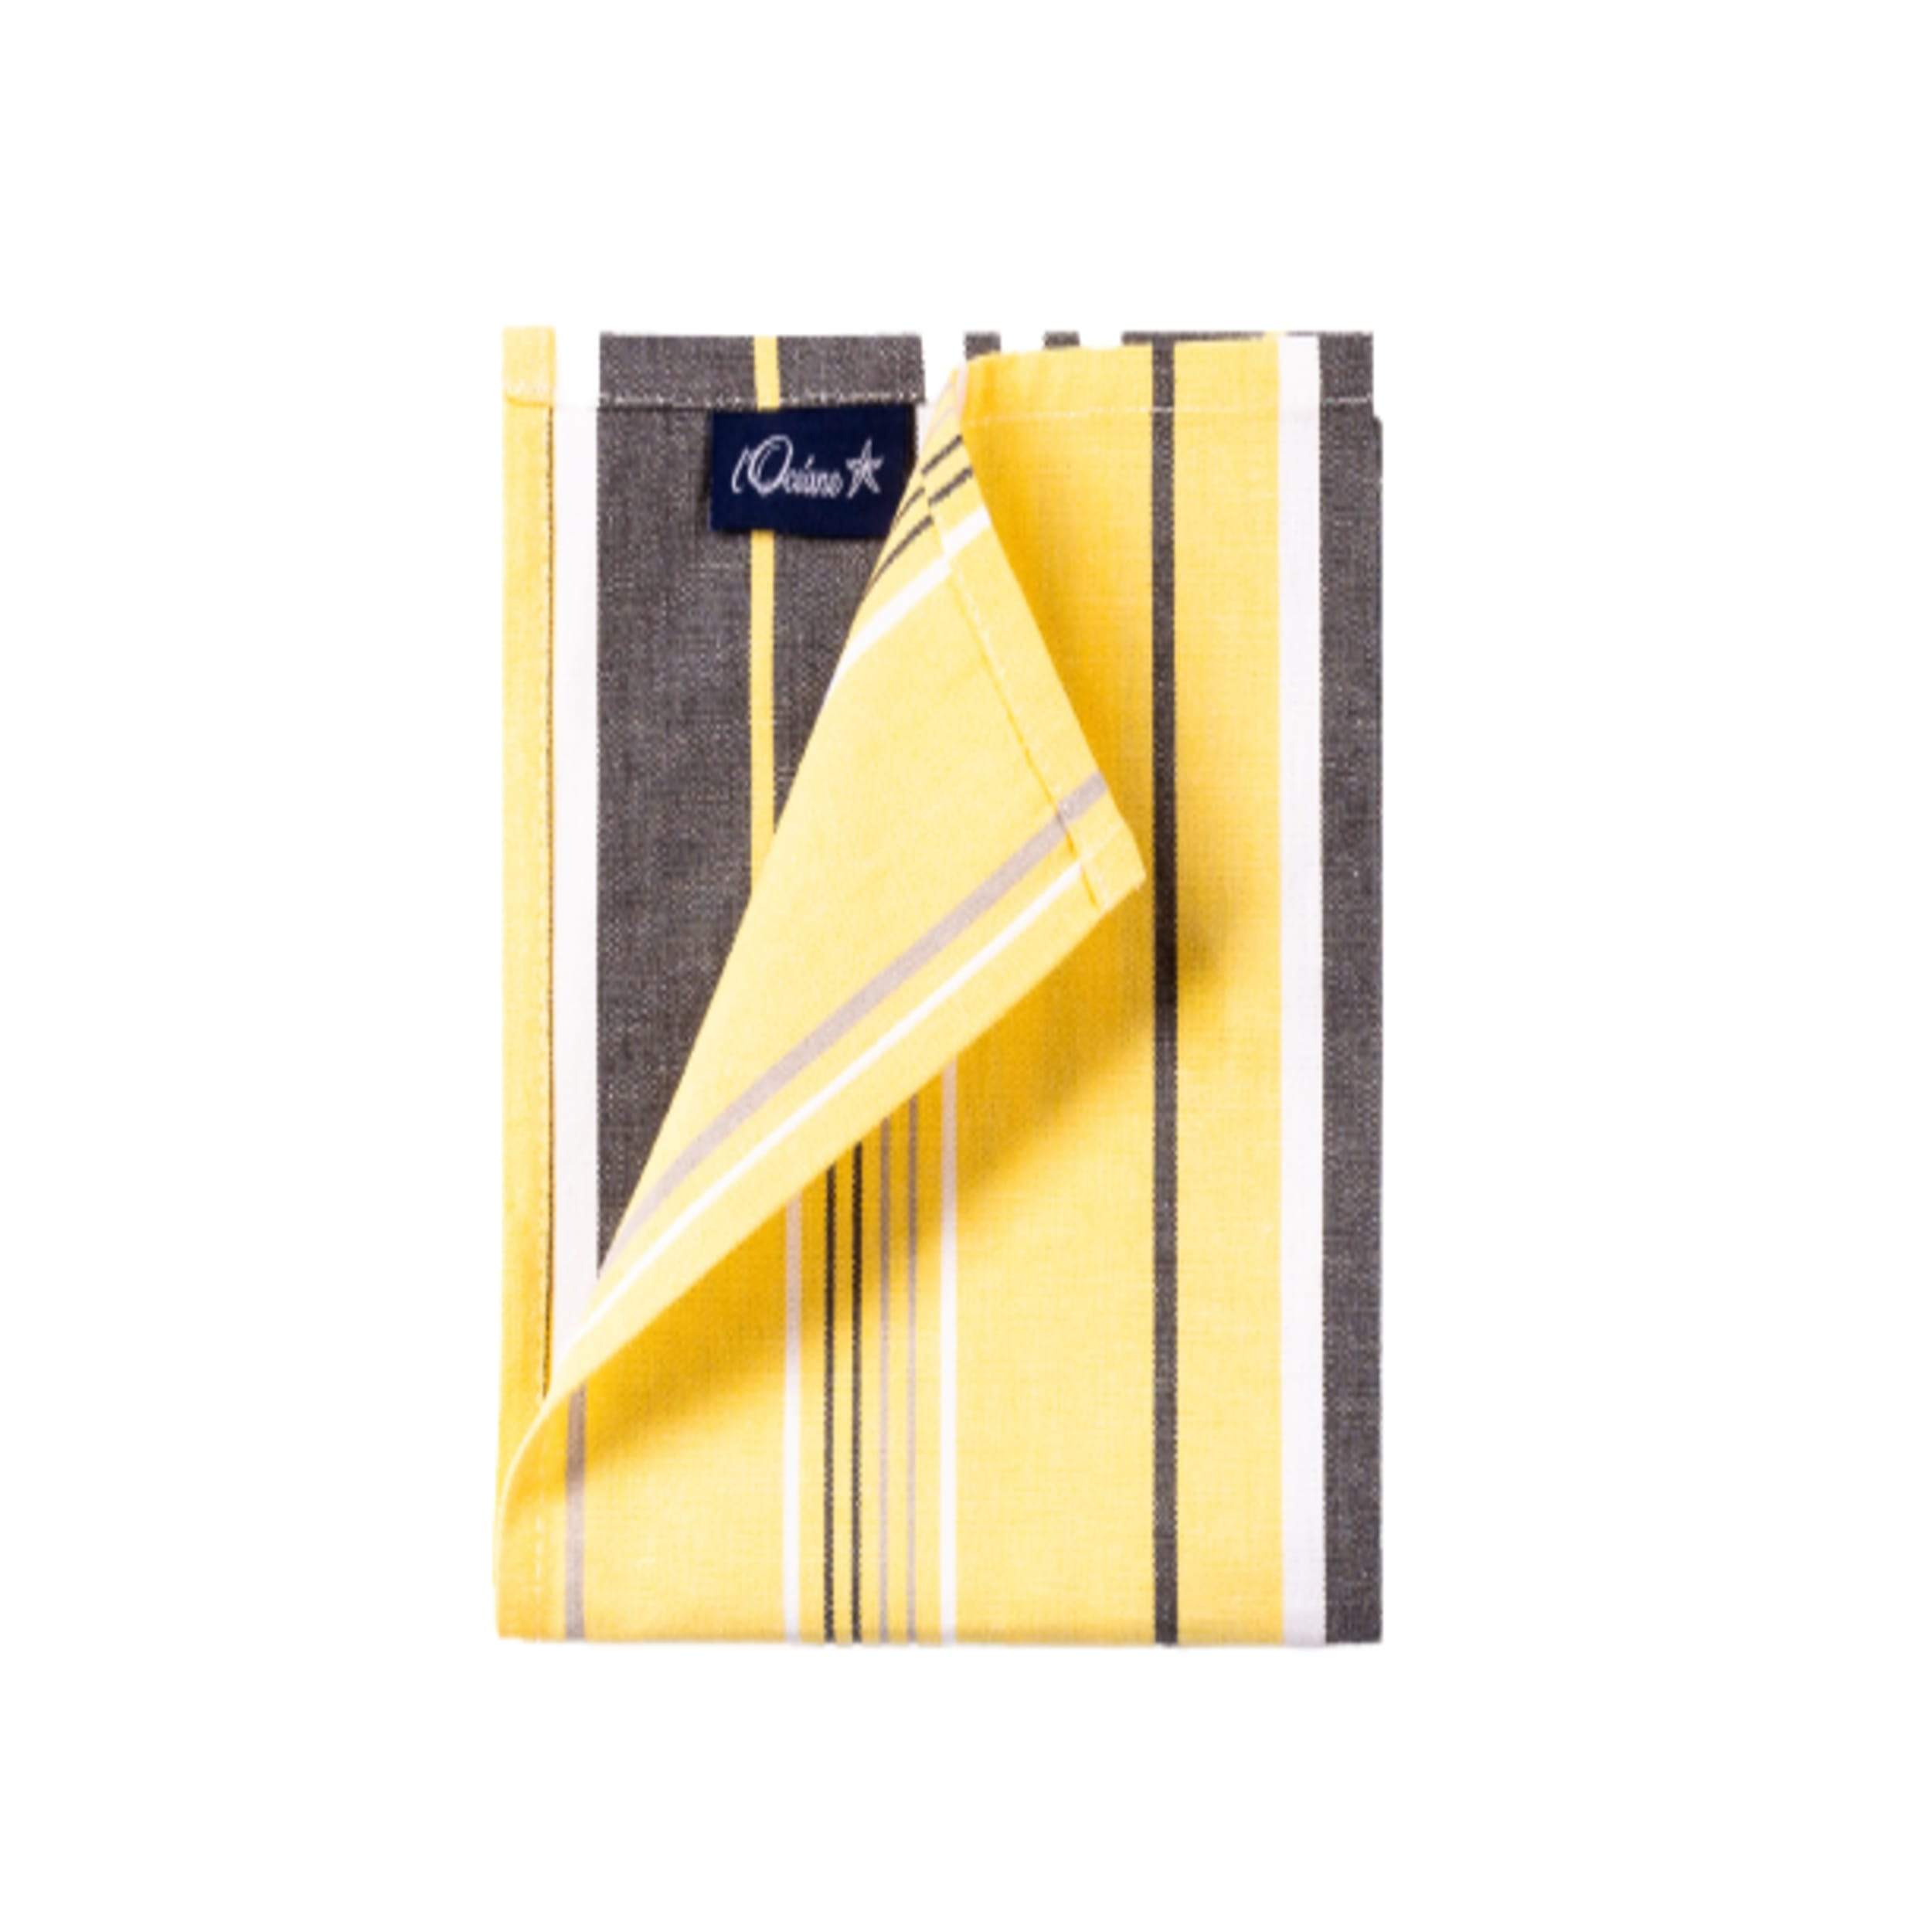 1 lot de 6 serviettes de table 100% coton jaune 50 x 50 cm